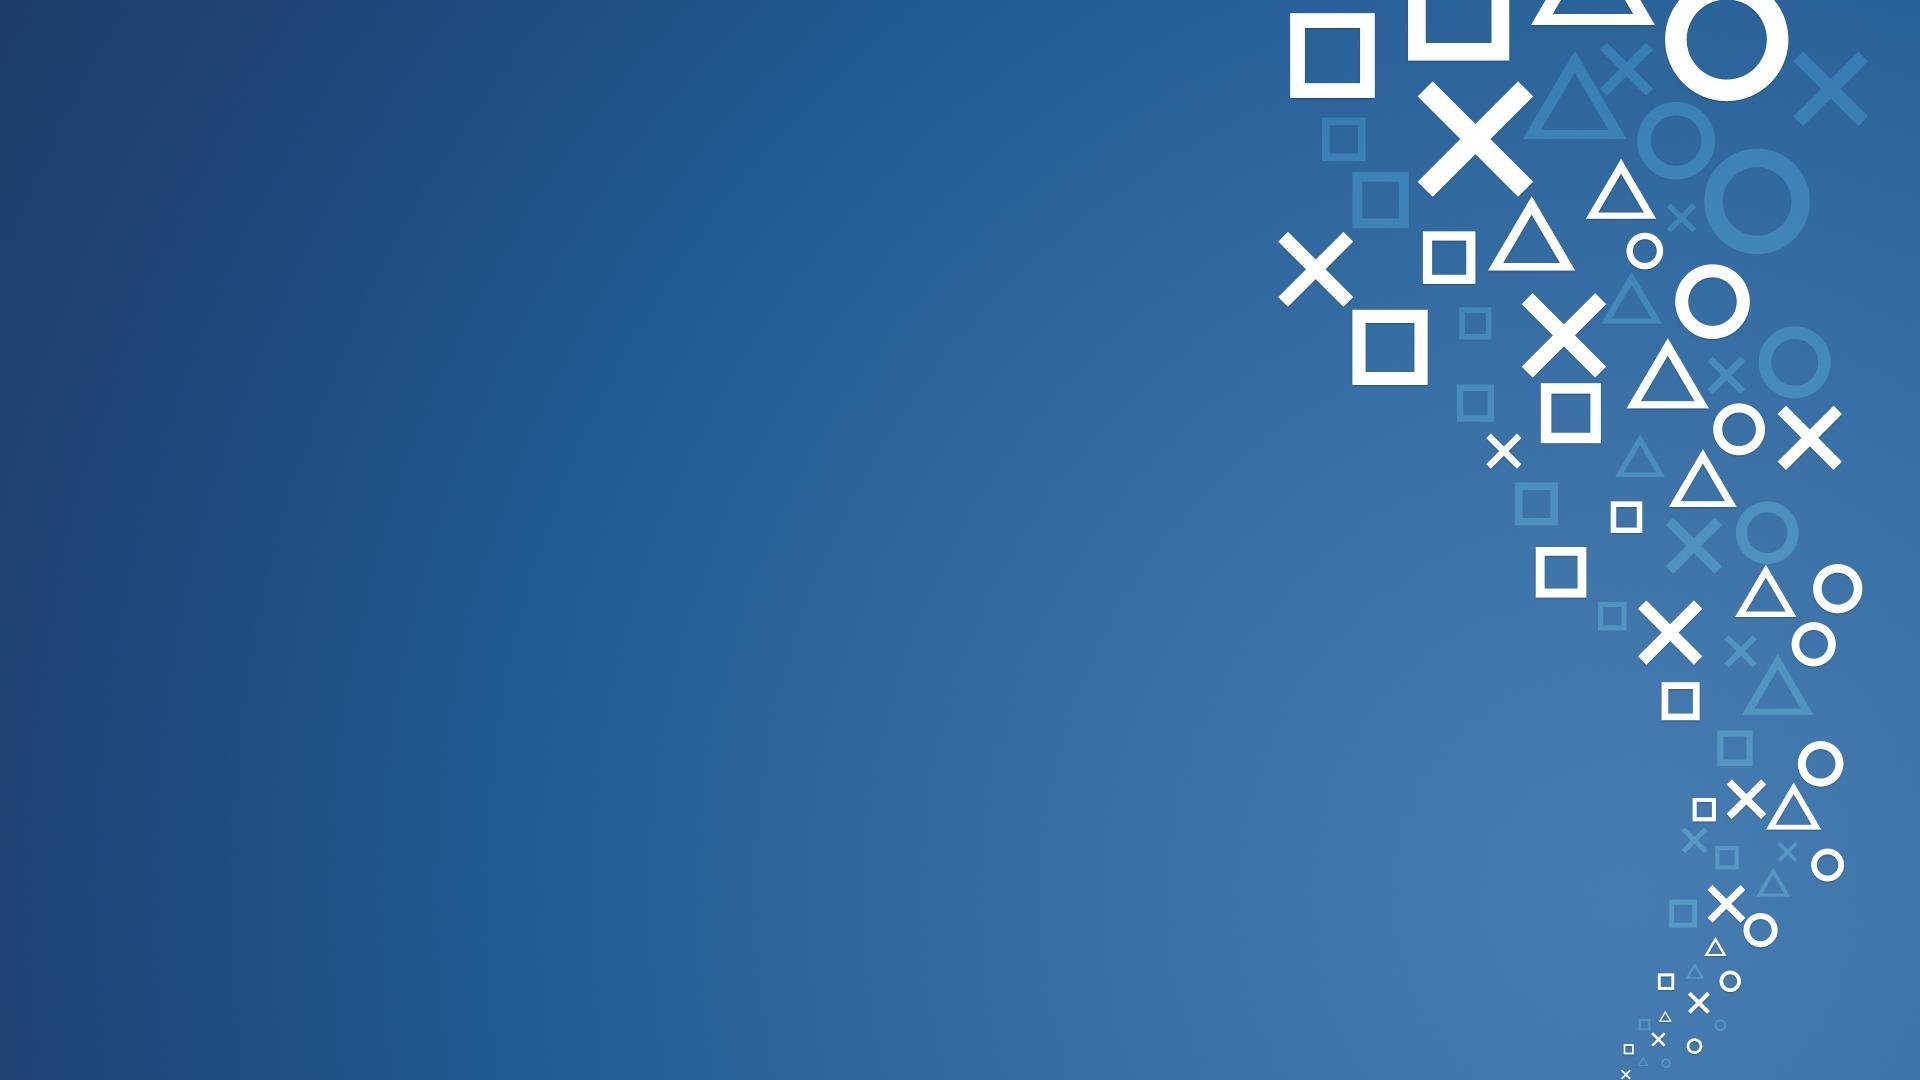 windows 10 wallpaper hd,blue,text,daytime,font,sky